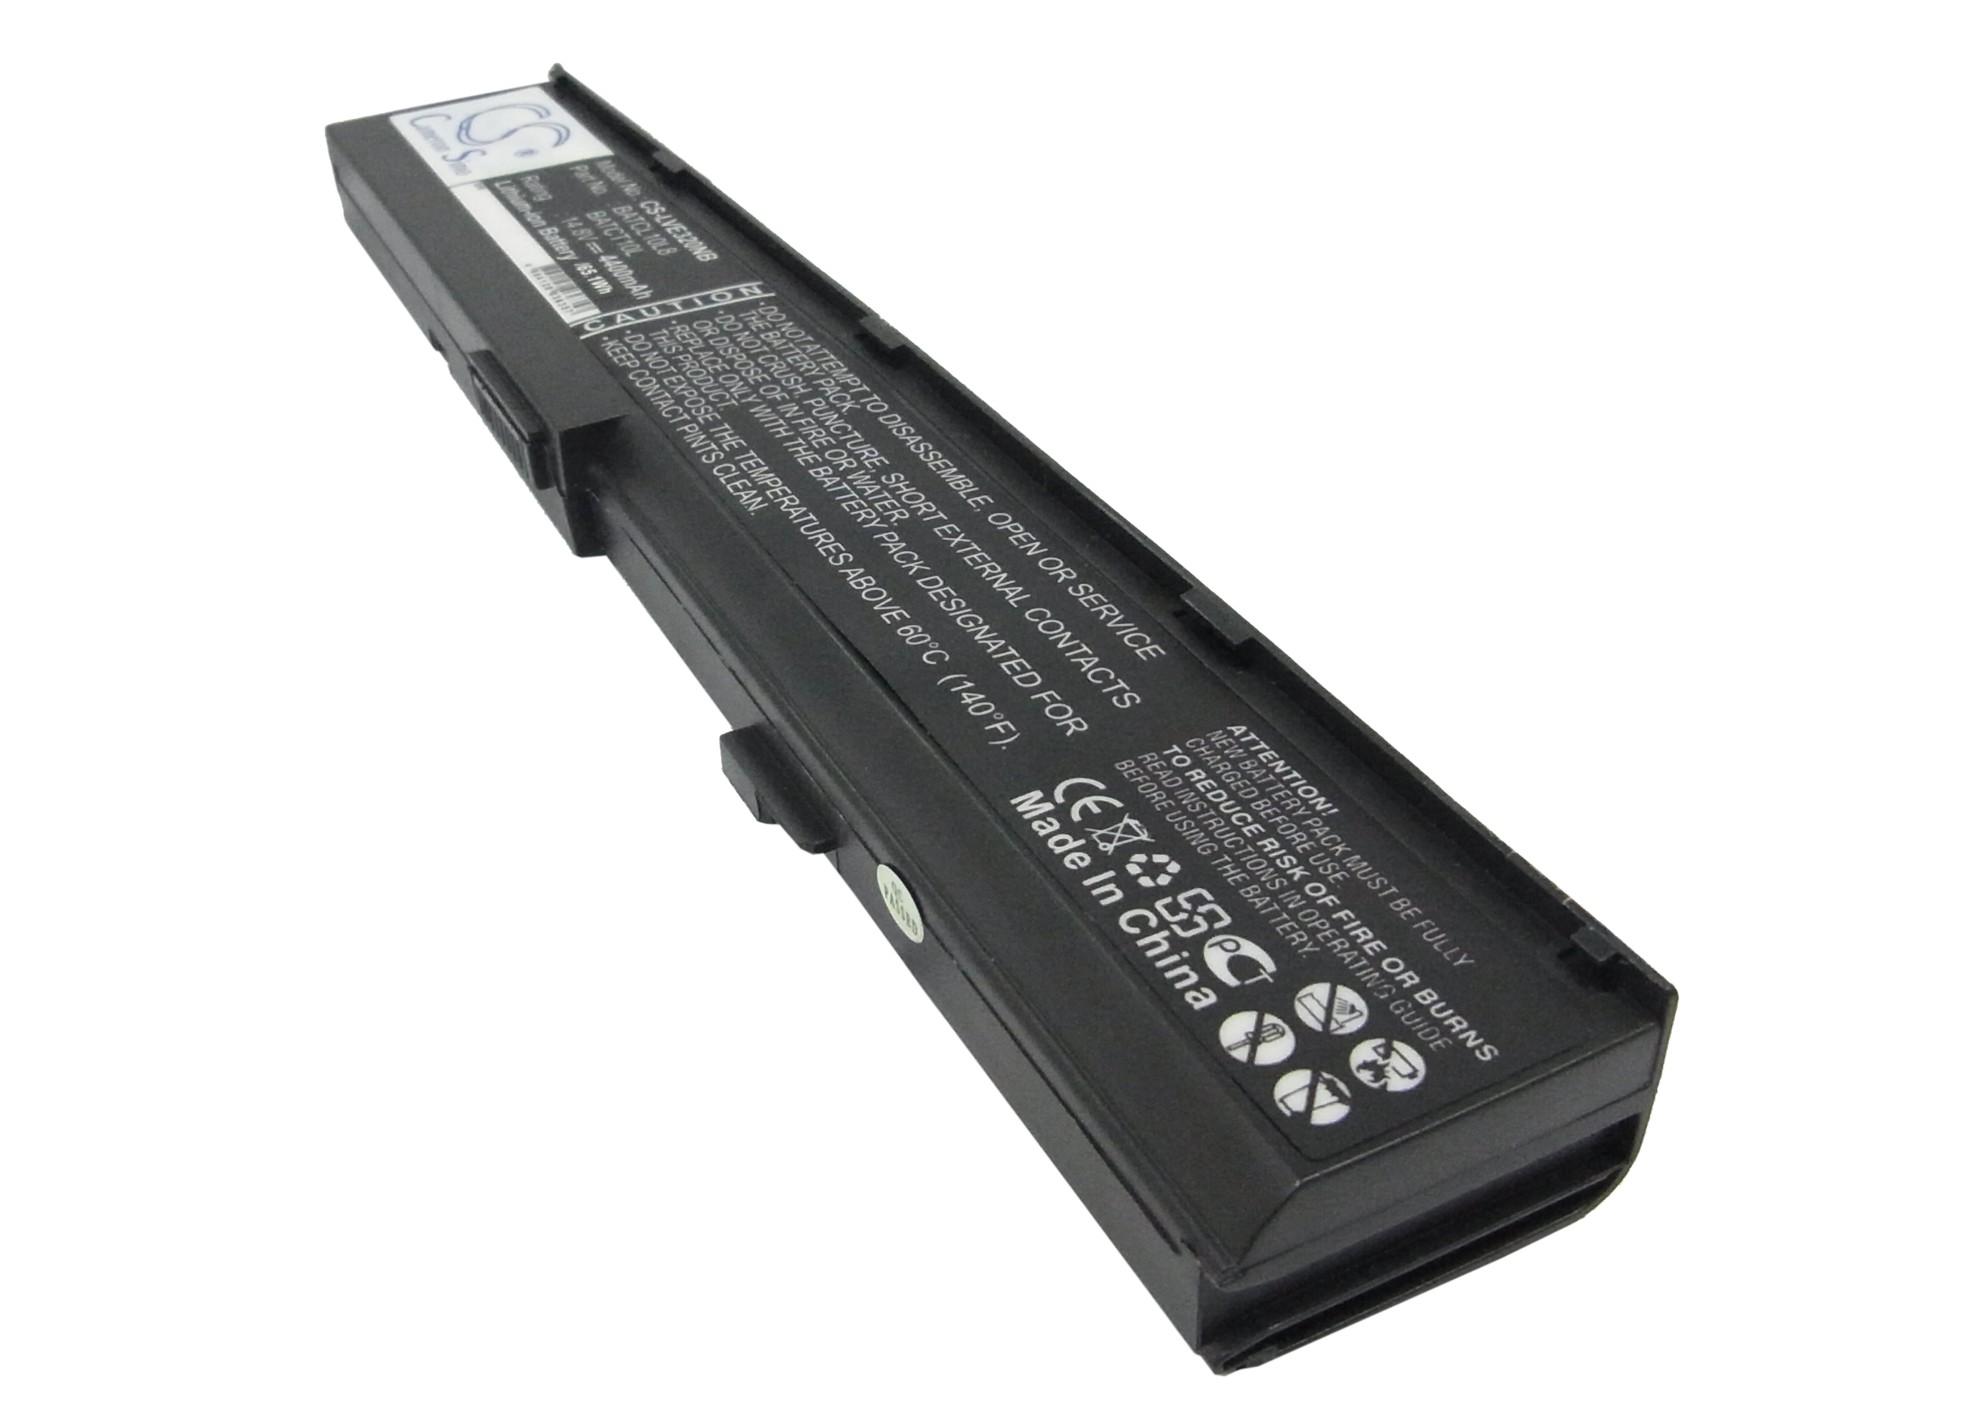 Cameron Sino baterie do notebooků pro LENOVO V71 14.8V Li-ion 4400mAh černá - neoriginální